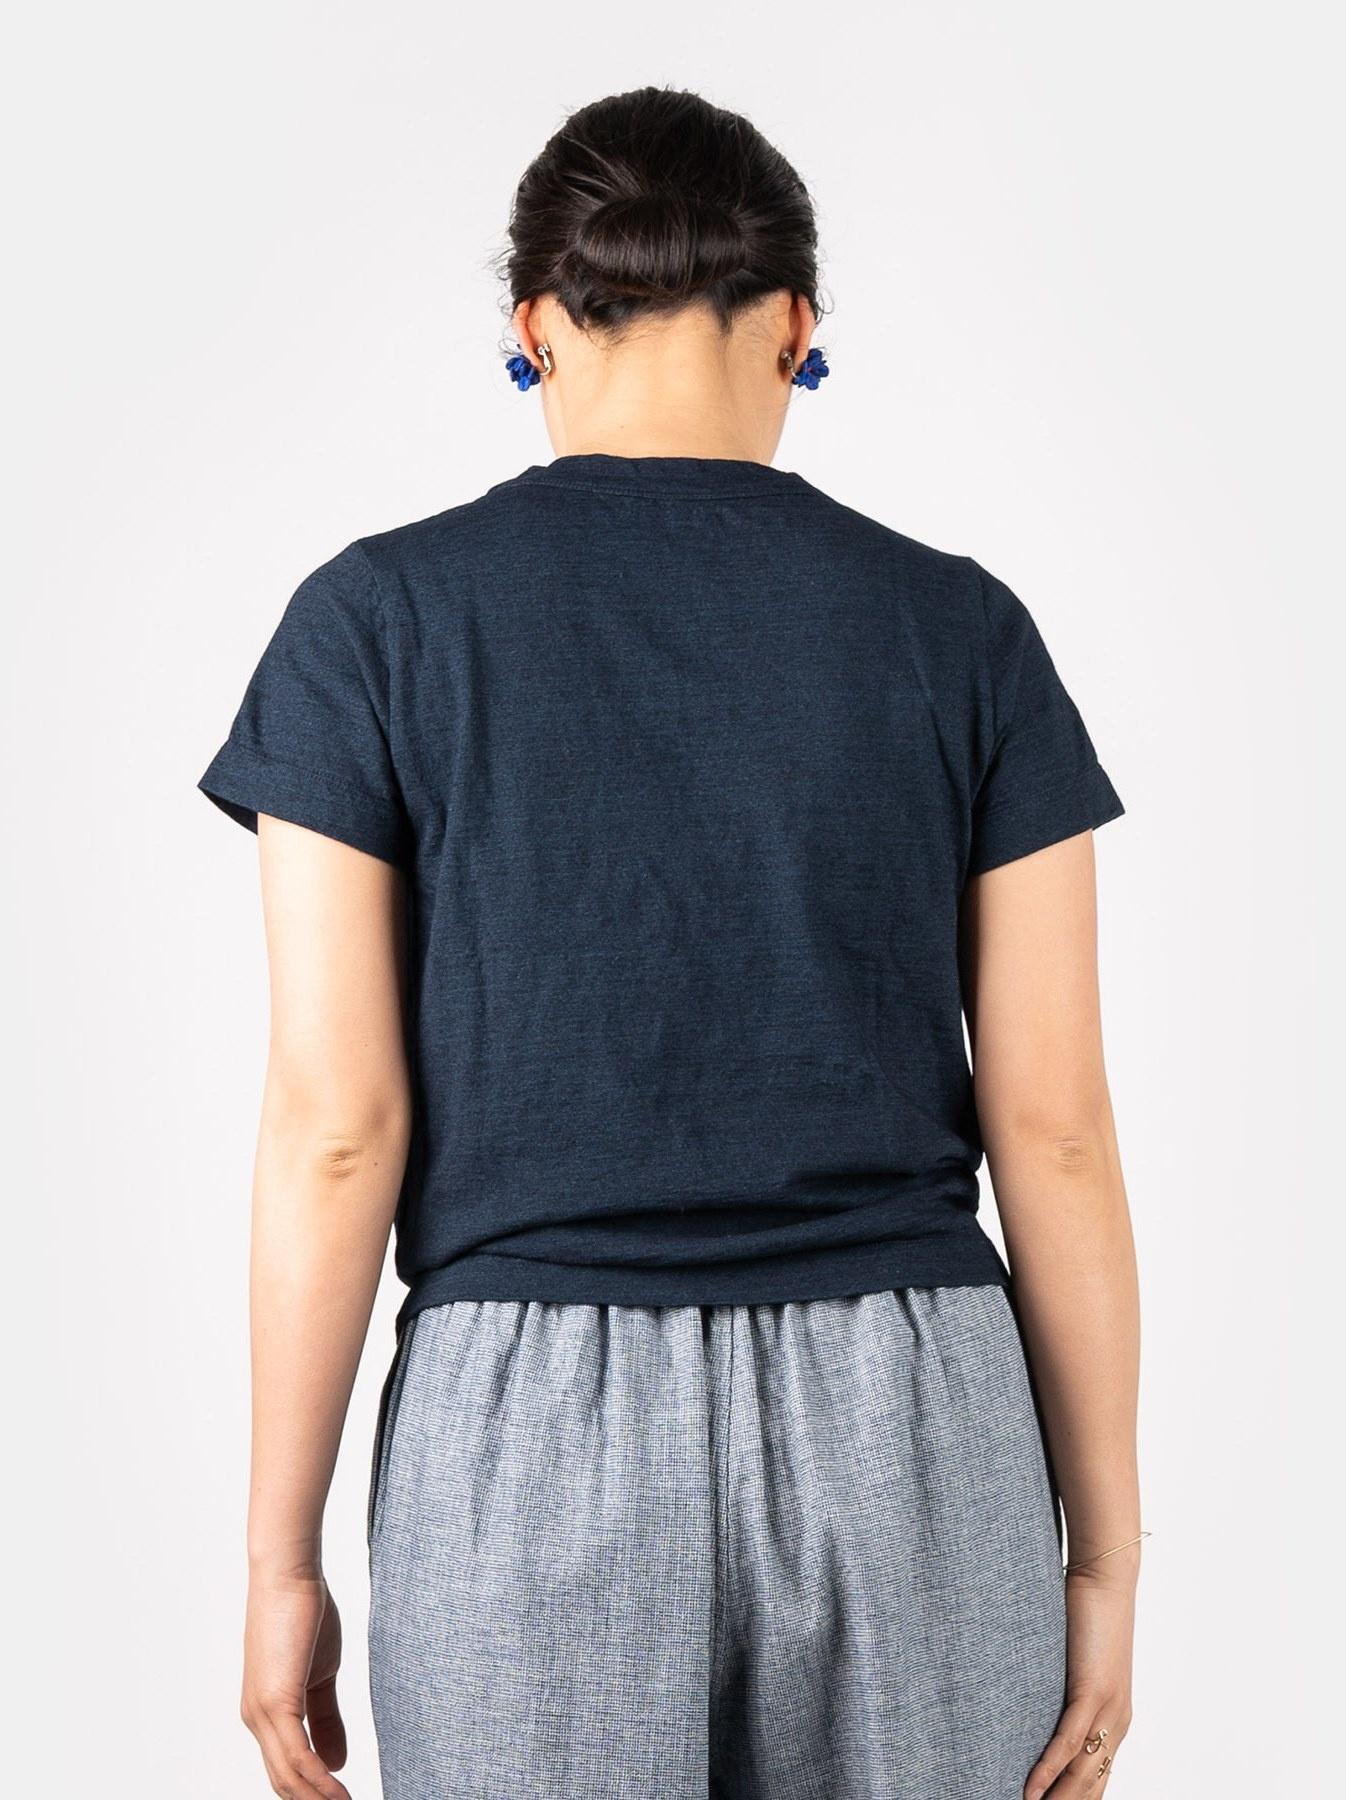 WH Indigo Corsage Flower 45 Star T-shirt-5